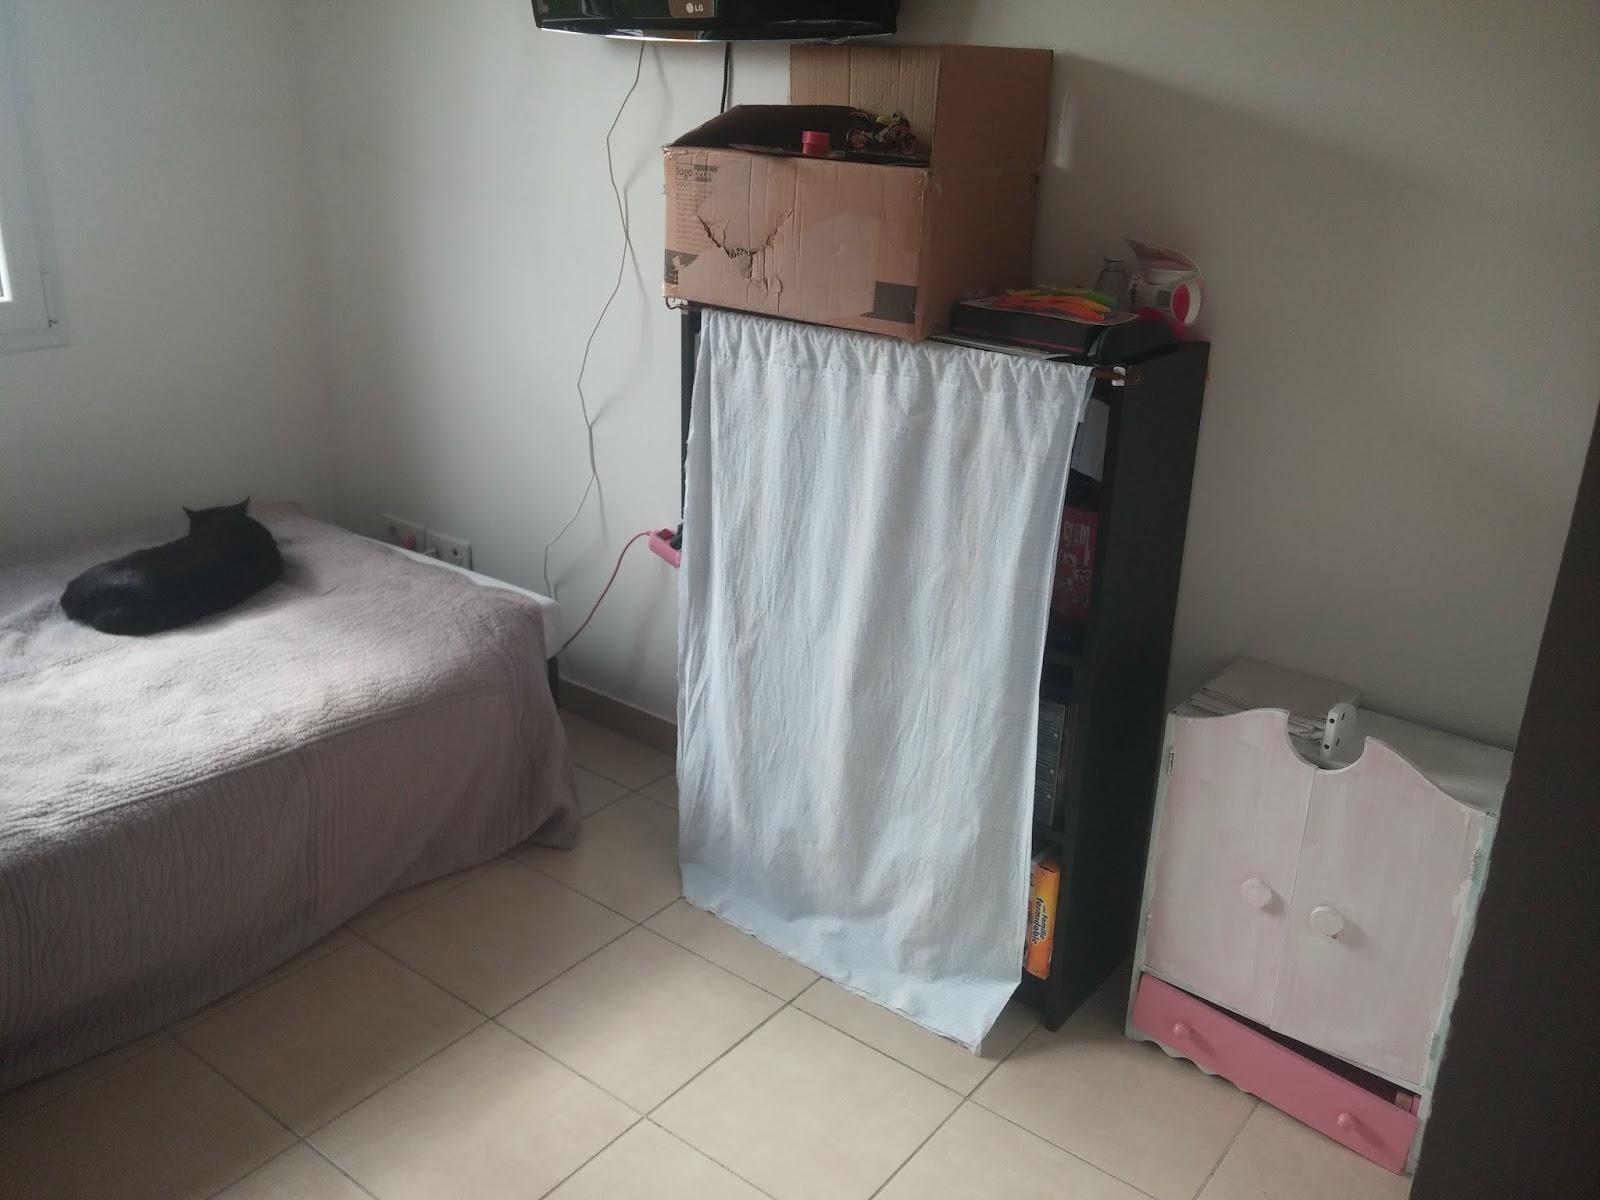 Une chambre dans un dressing milune la vie d 39 une nounou for Chambre trop seche